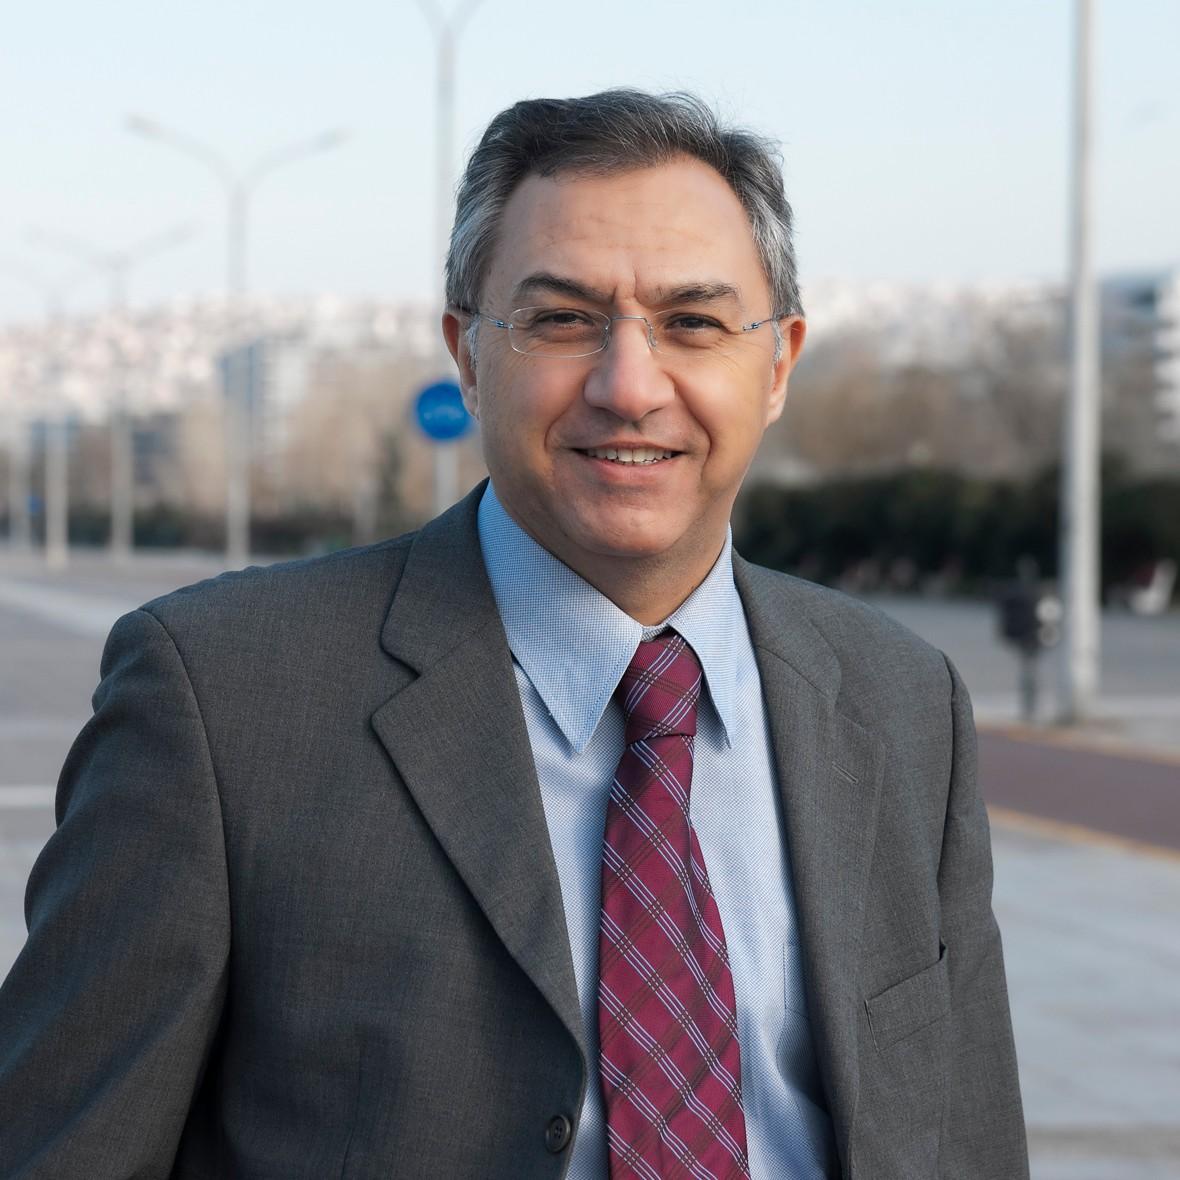 Δημήτρης Κατσαντώνης